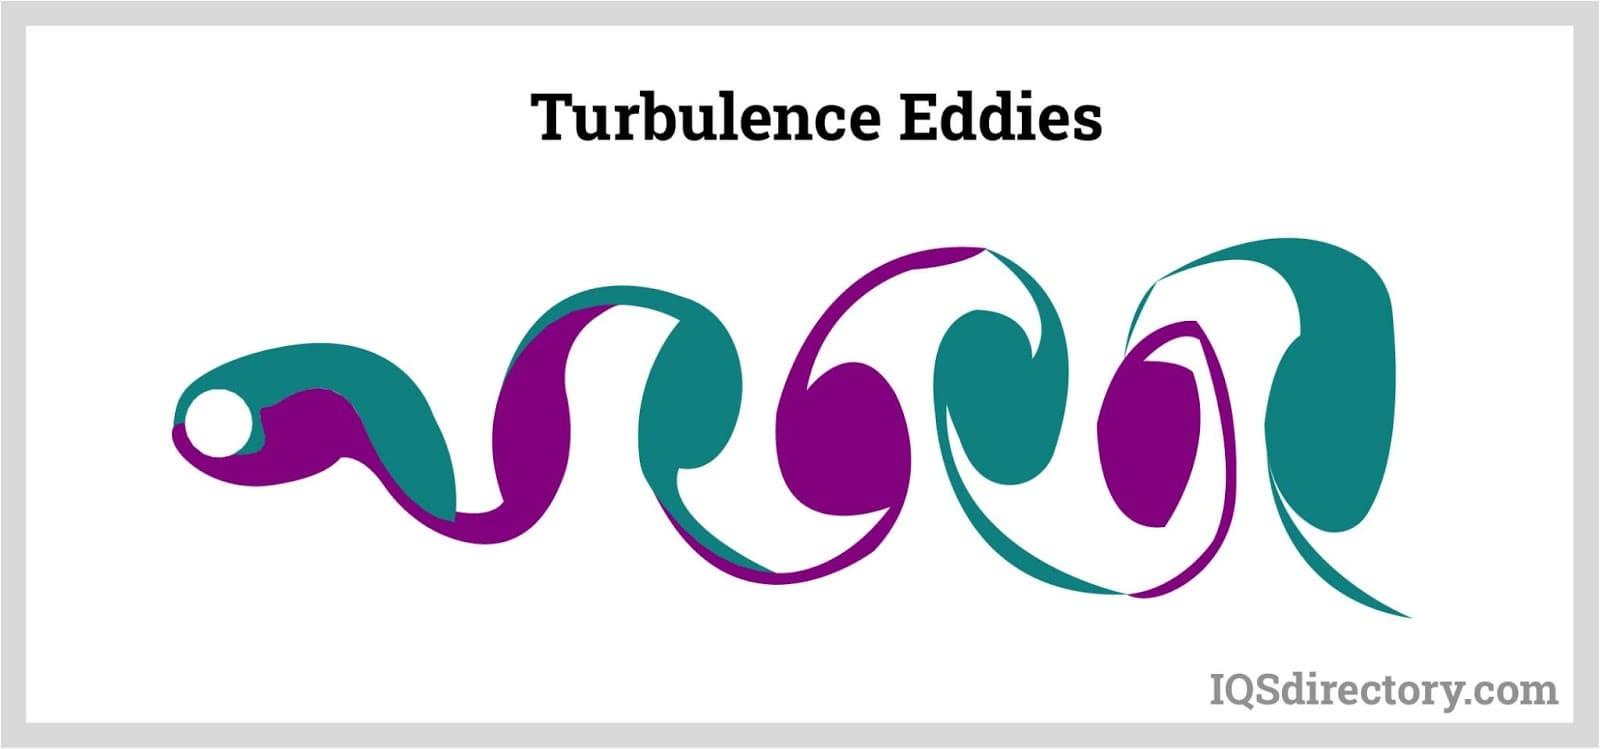 Turbulence Eddies